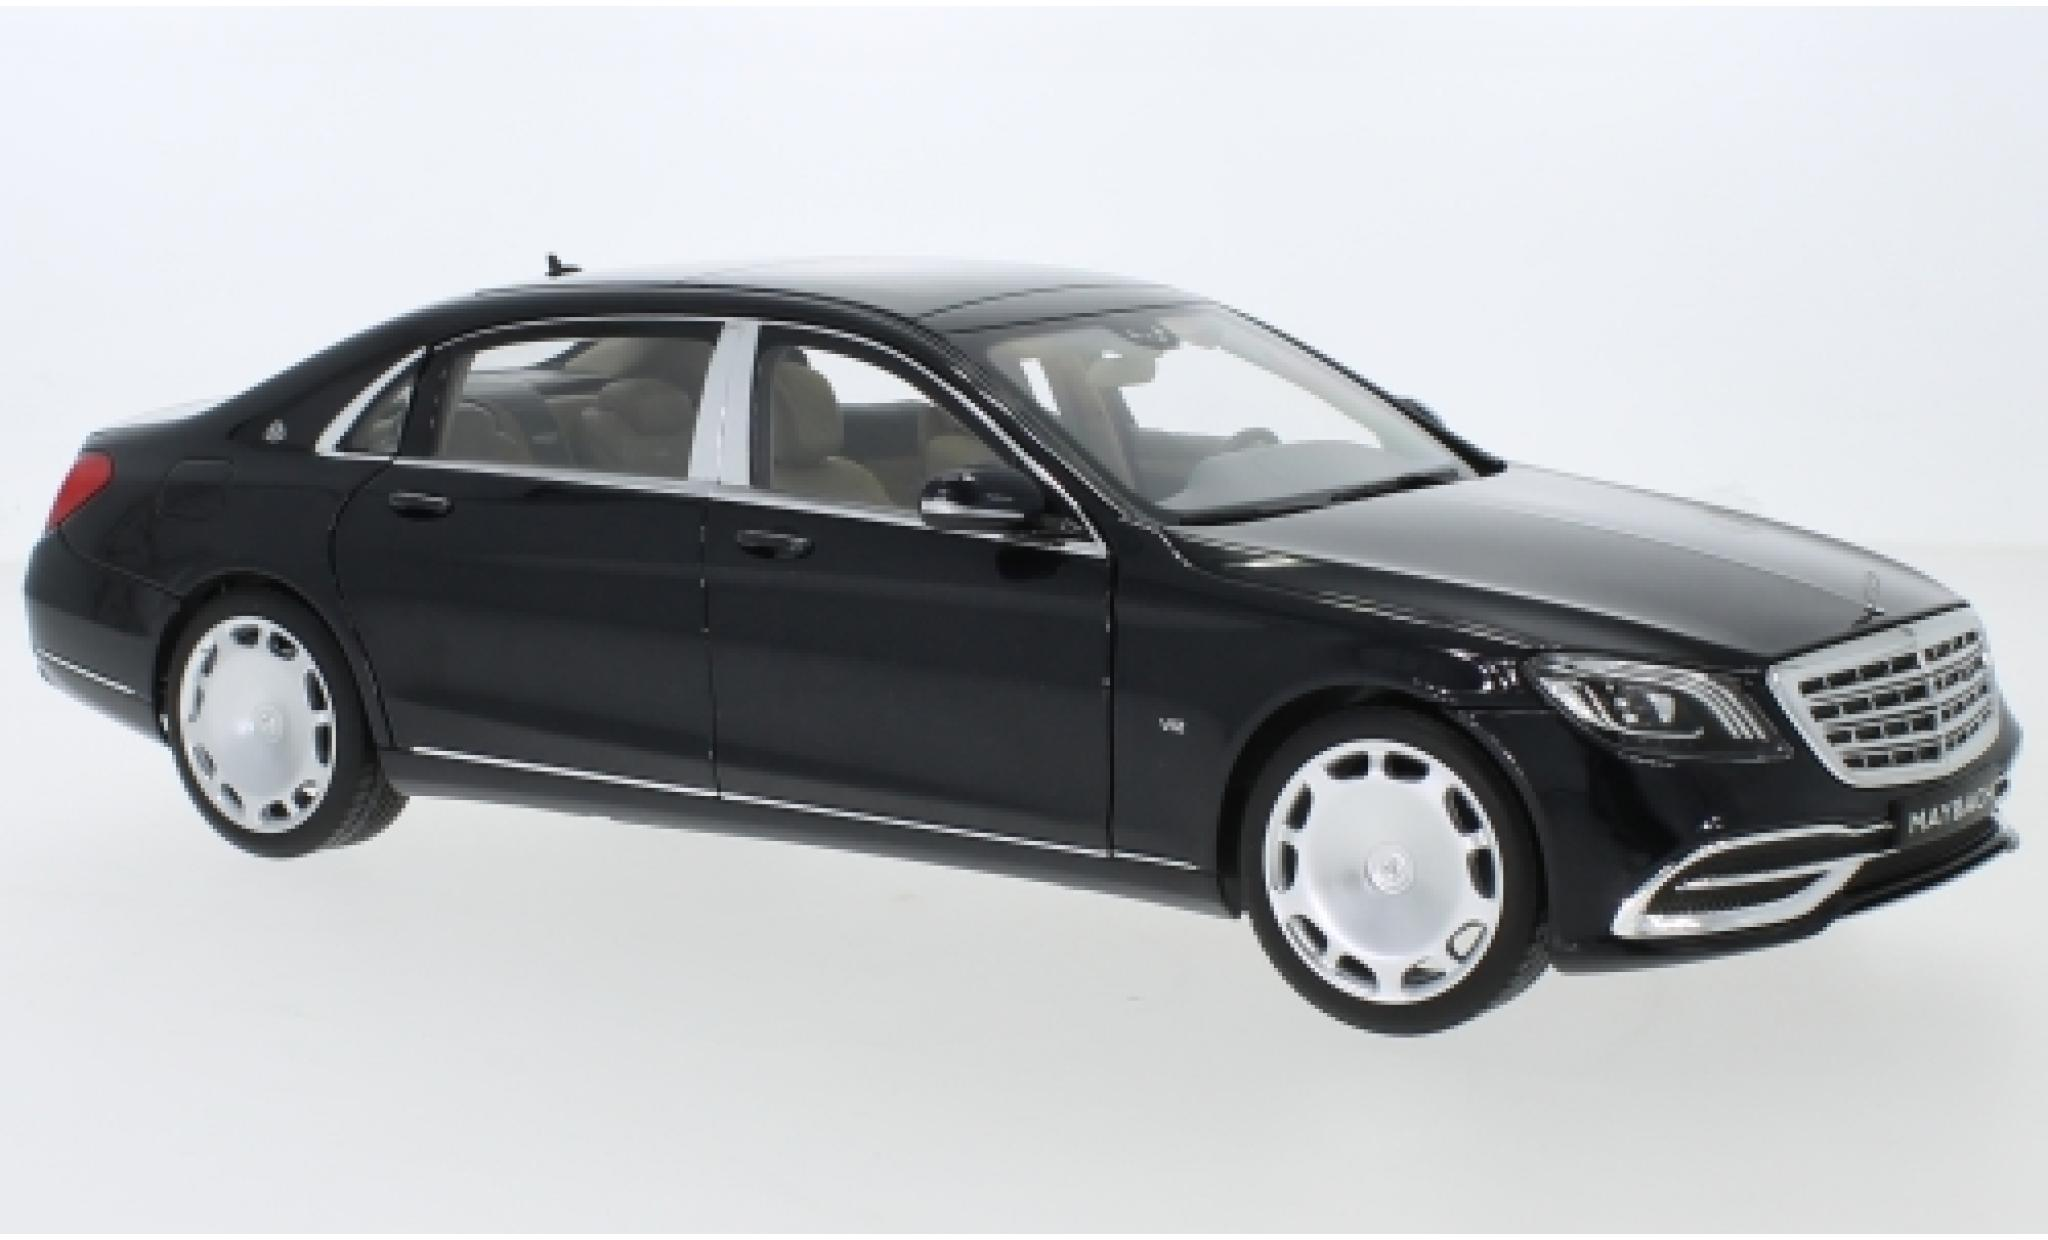 Mercedes Classe S 1/18 I Norev Maybach S 650 (X222) métallisé noire